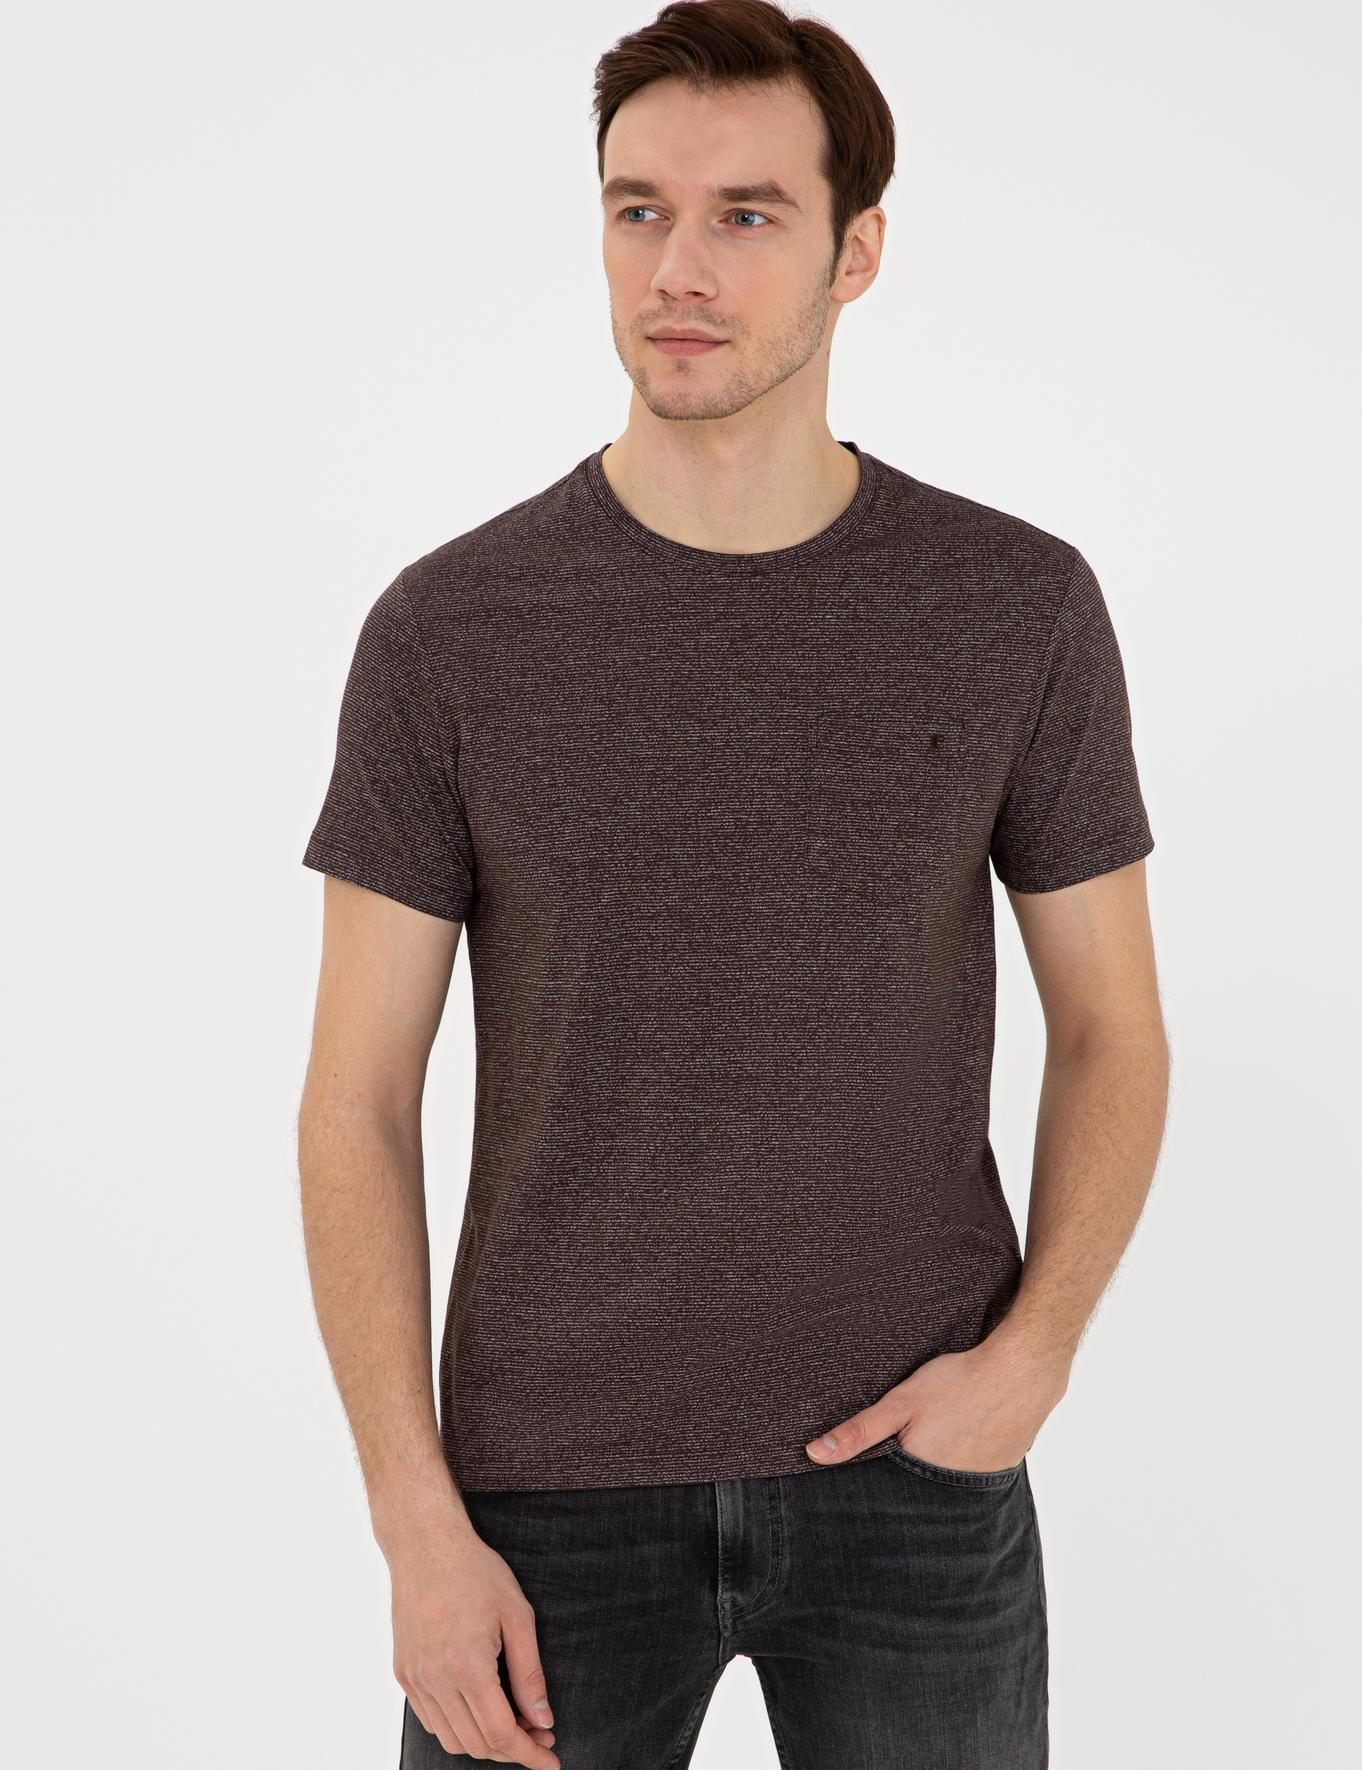 Bisiklet Yaka T-Shirt - 50240270033